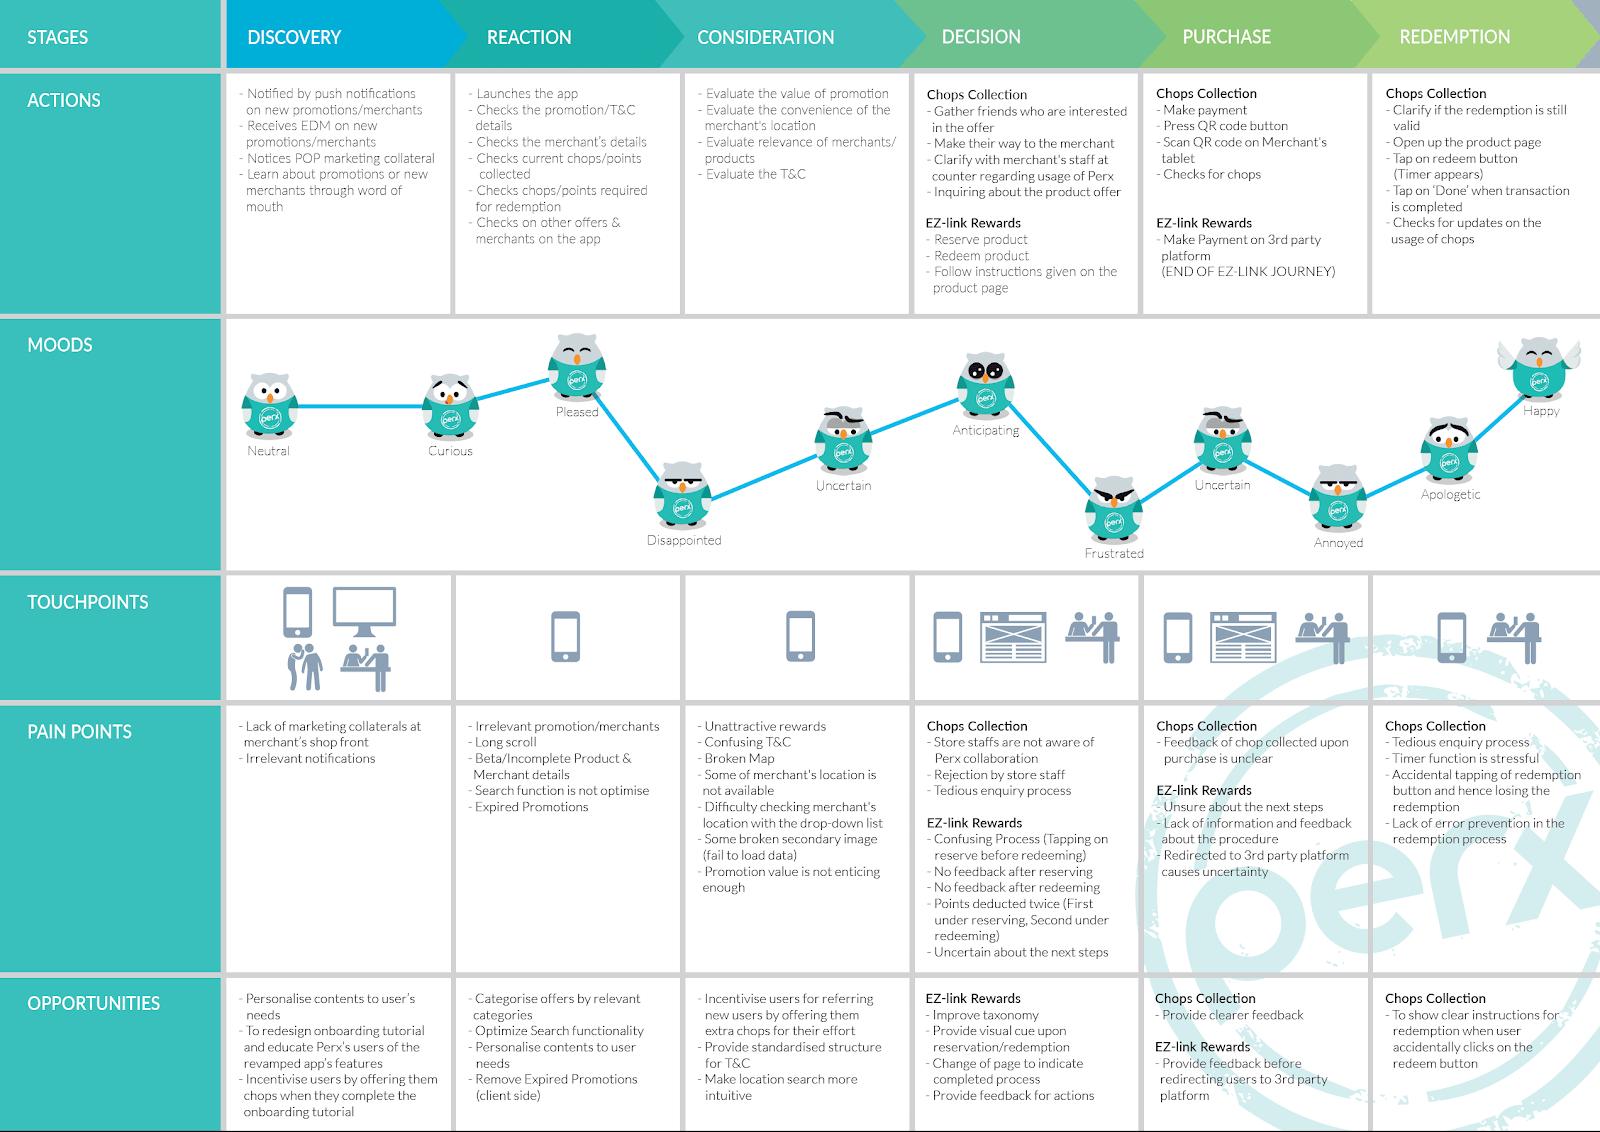 Карта путешествий клиента. По горизонтали — путь, на котором клиент контактирует с компанией. По вертикали — точки соприкосновения, эмоции, вопросы клиента и его задачи на каждом шаге